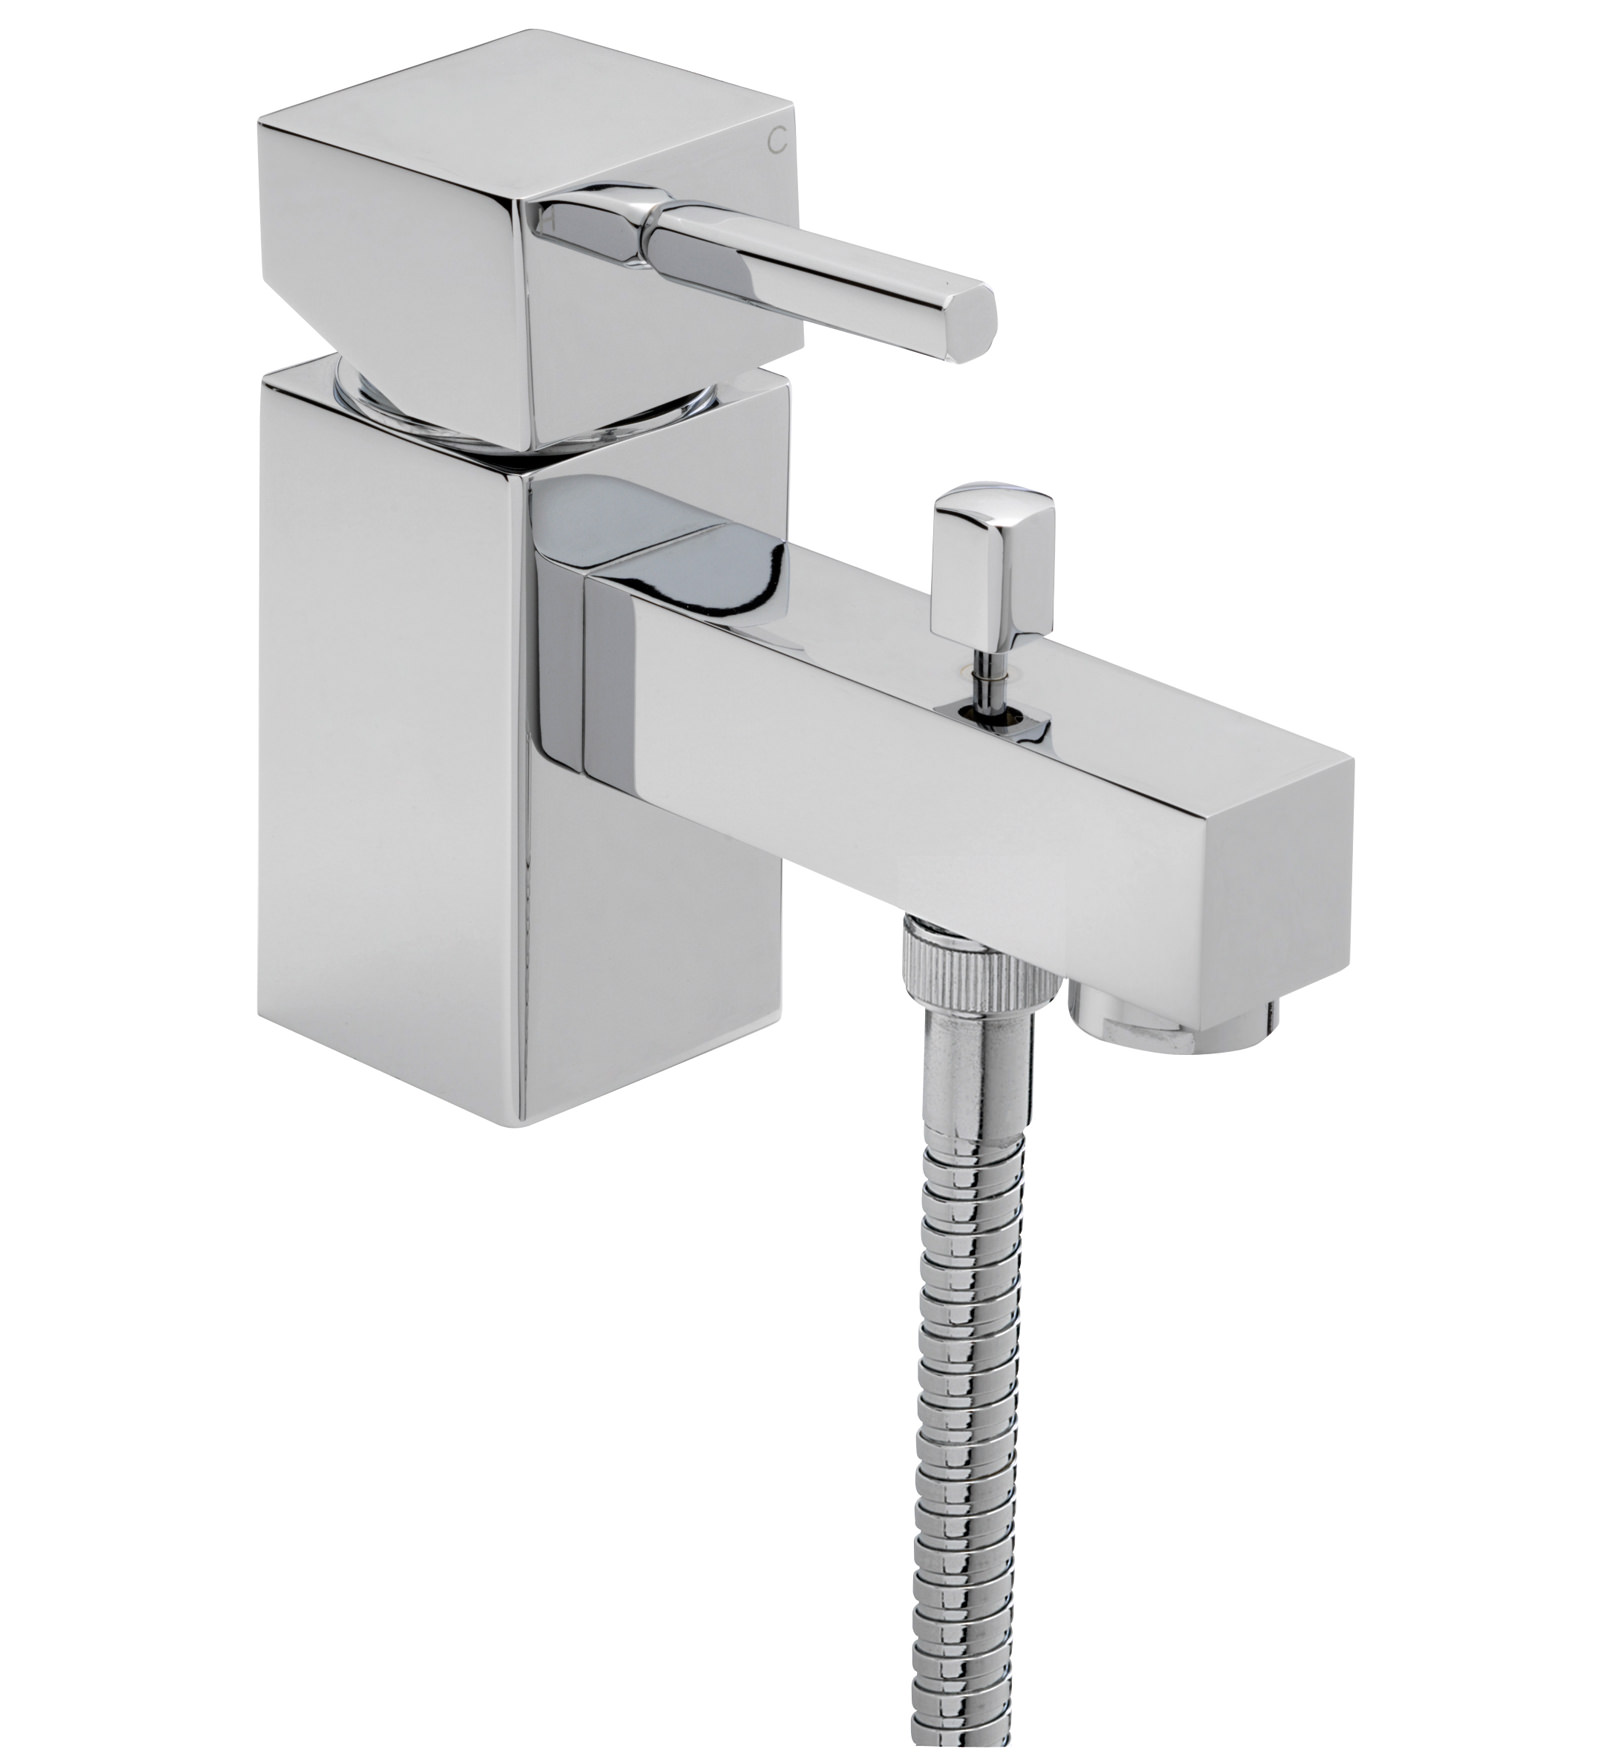 Monobloc Bath Shower Mixer Sagittarius Pablo Monobloc Bath Shower Mixer Tap With Kit